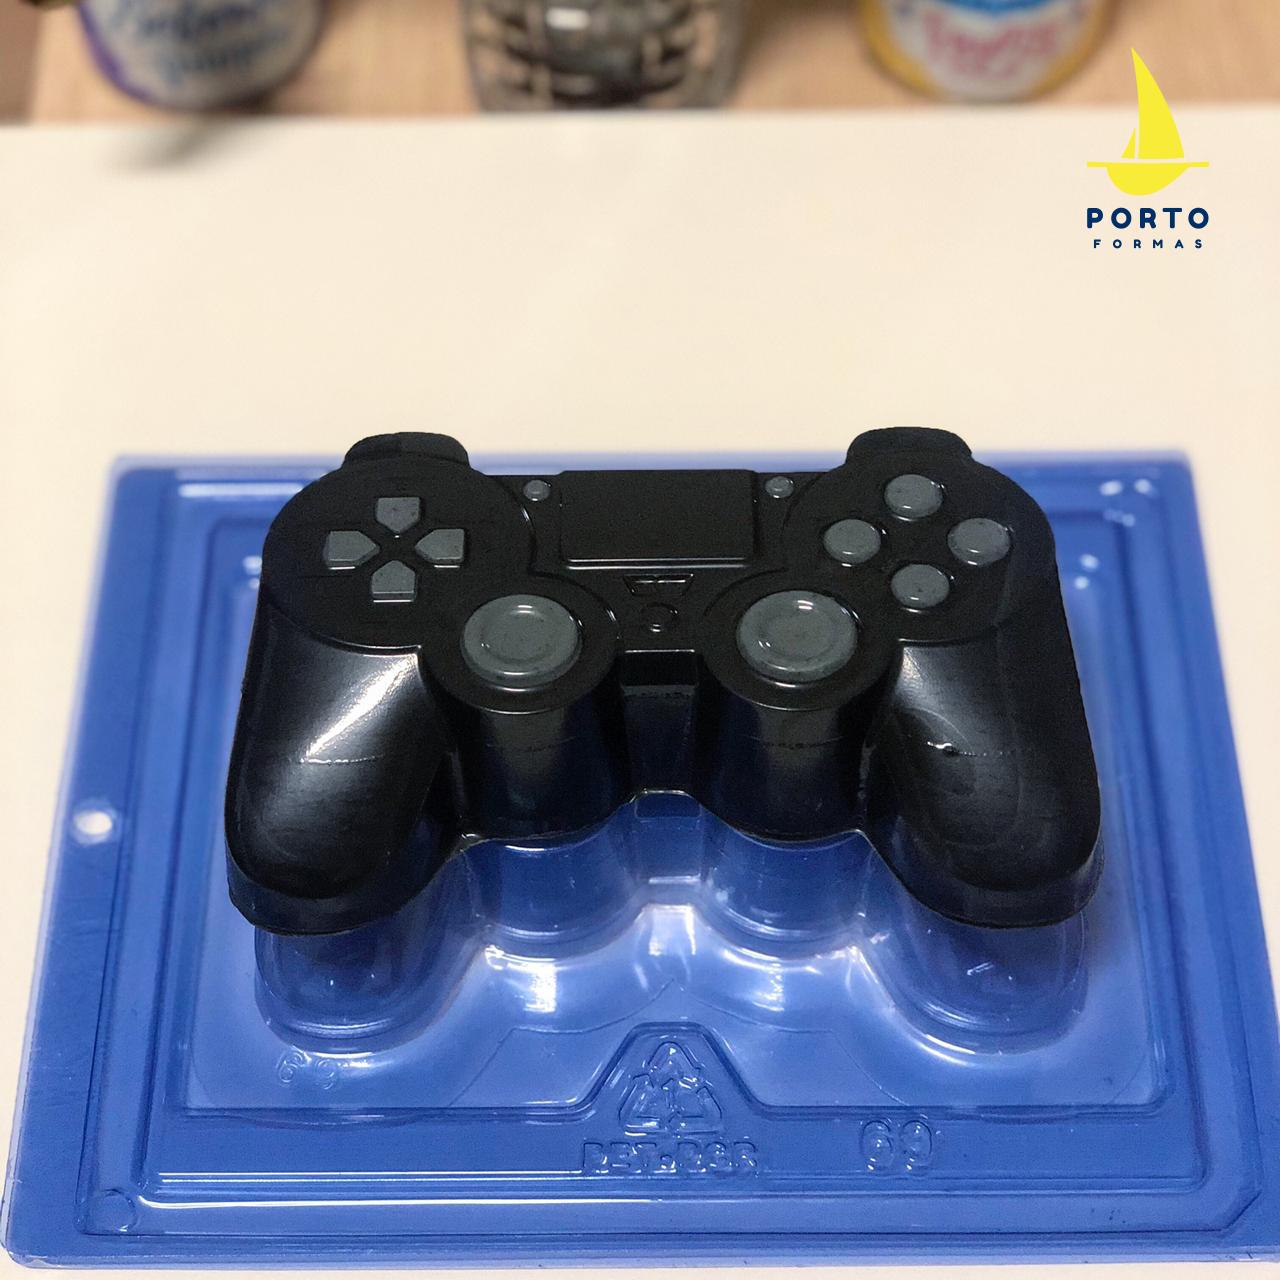 Imagen de producto: https://tienda.postreadiccion.com/img/articulos/secundarias14038-molde-69-portoformas-mando-consola-1.jpeg